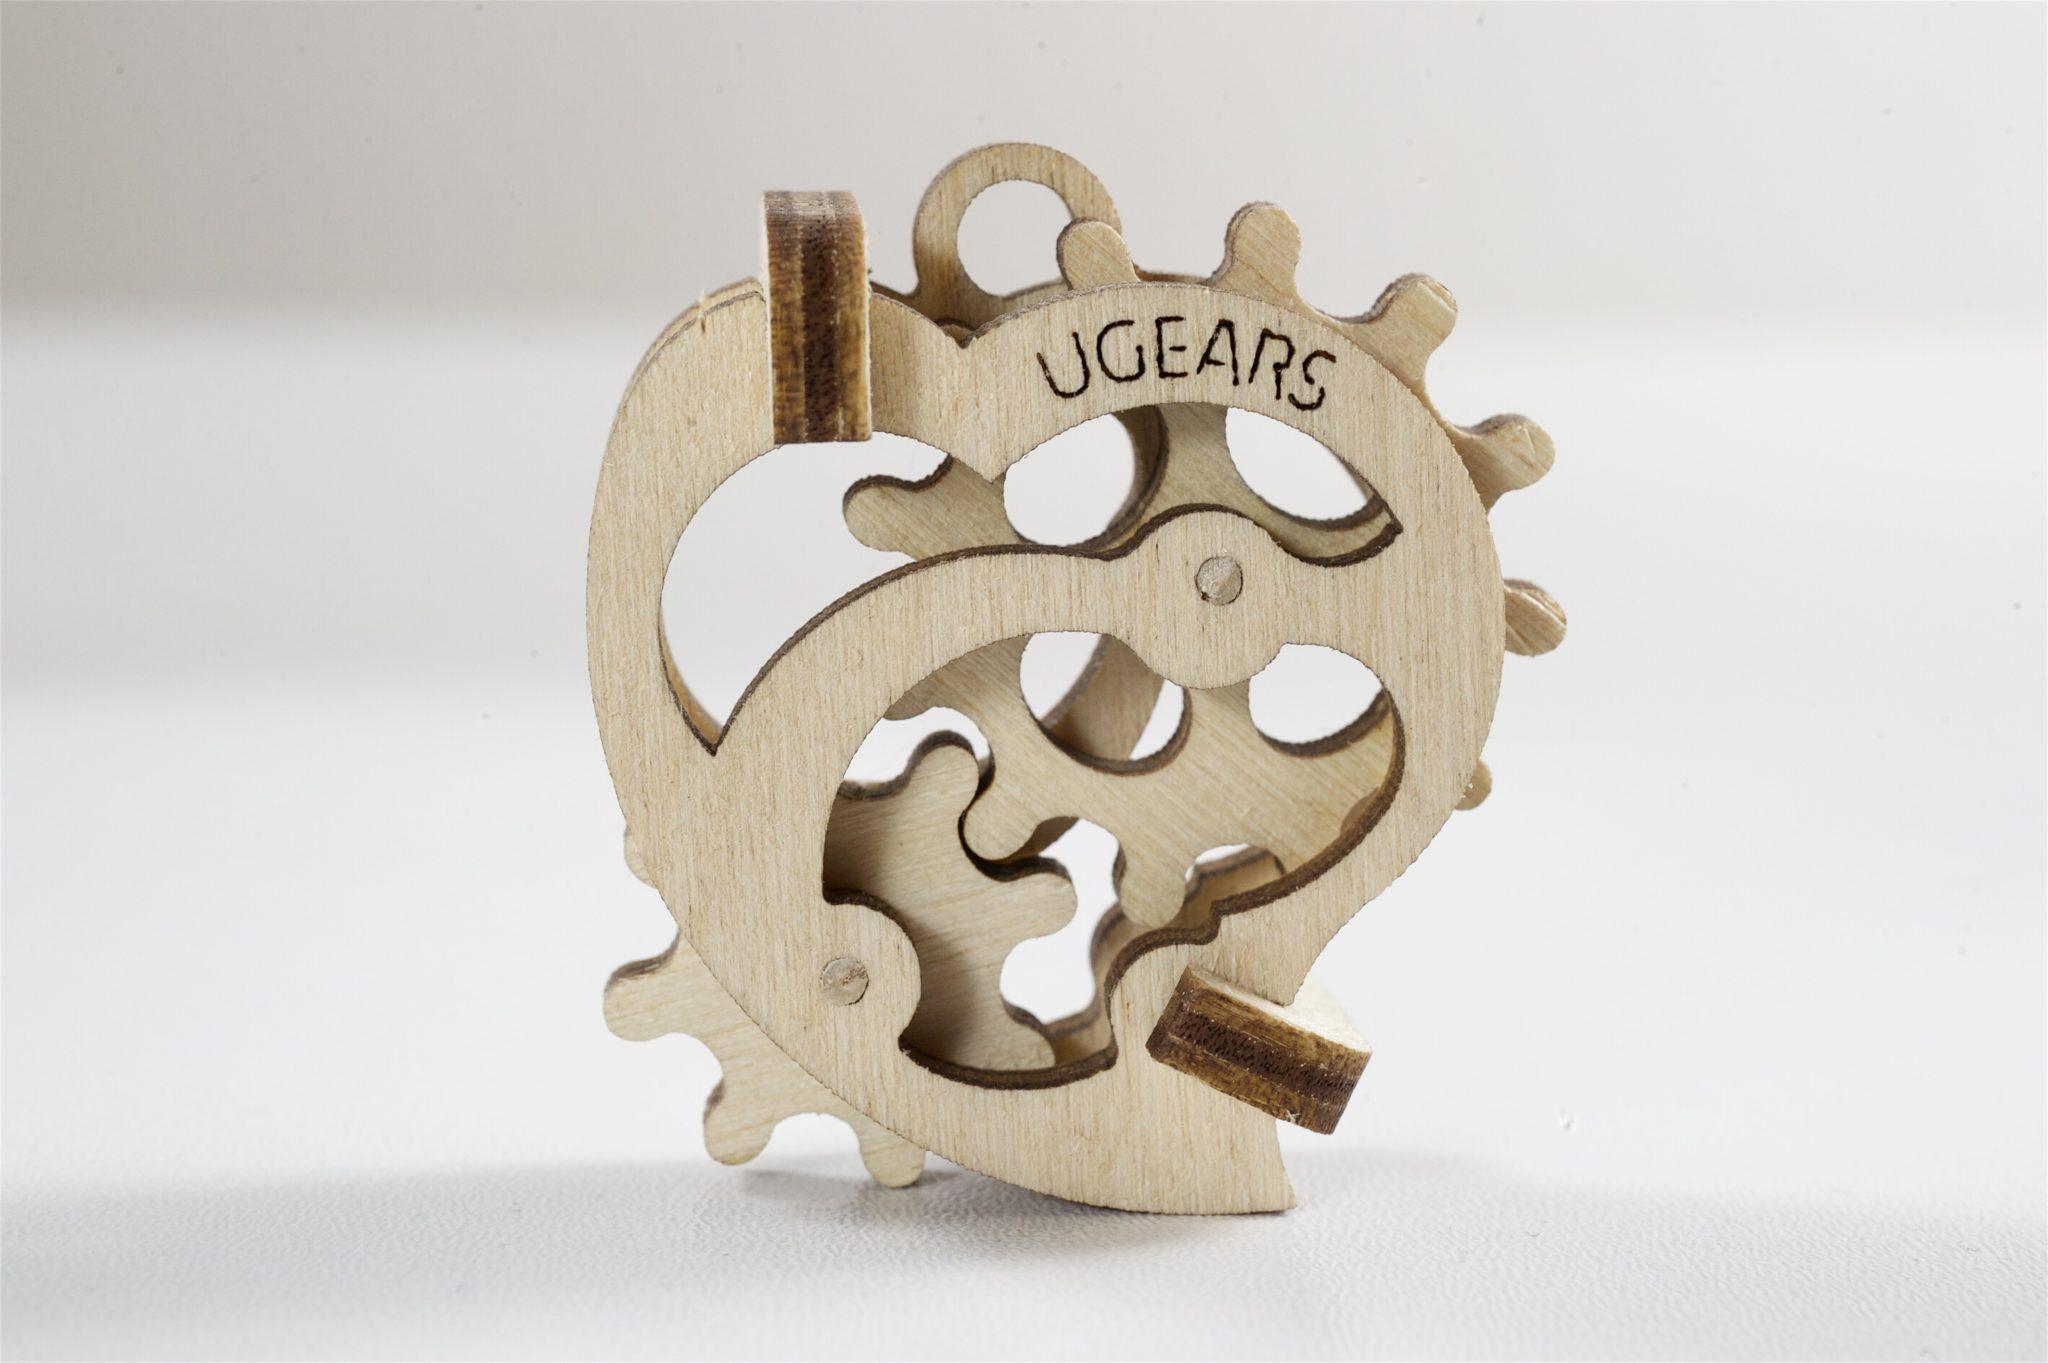 Ugears-Tribics-ugears-04